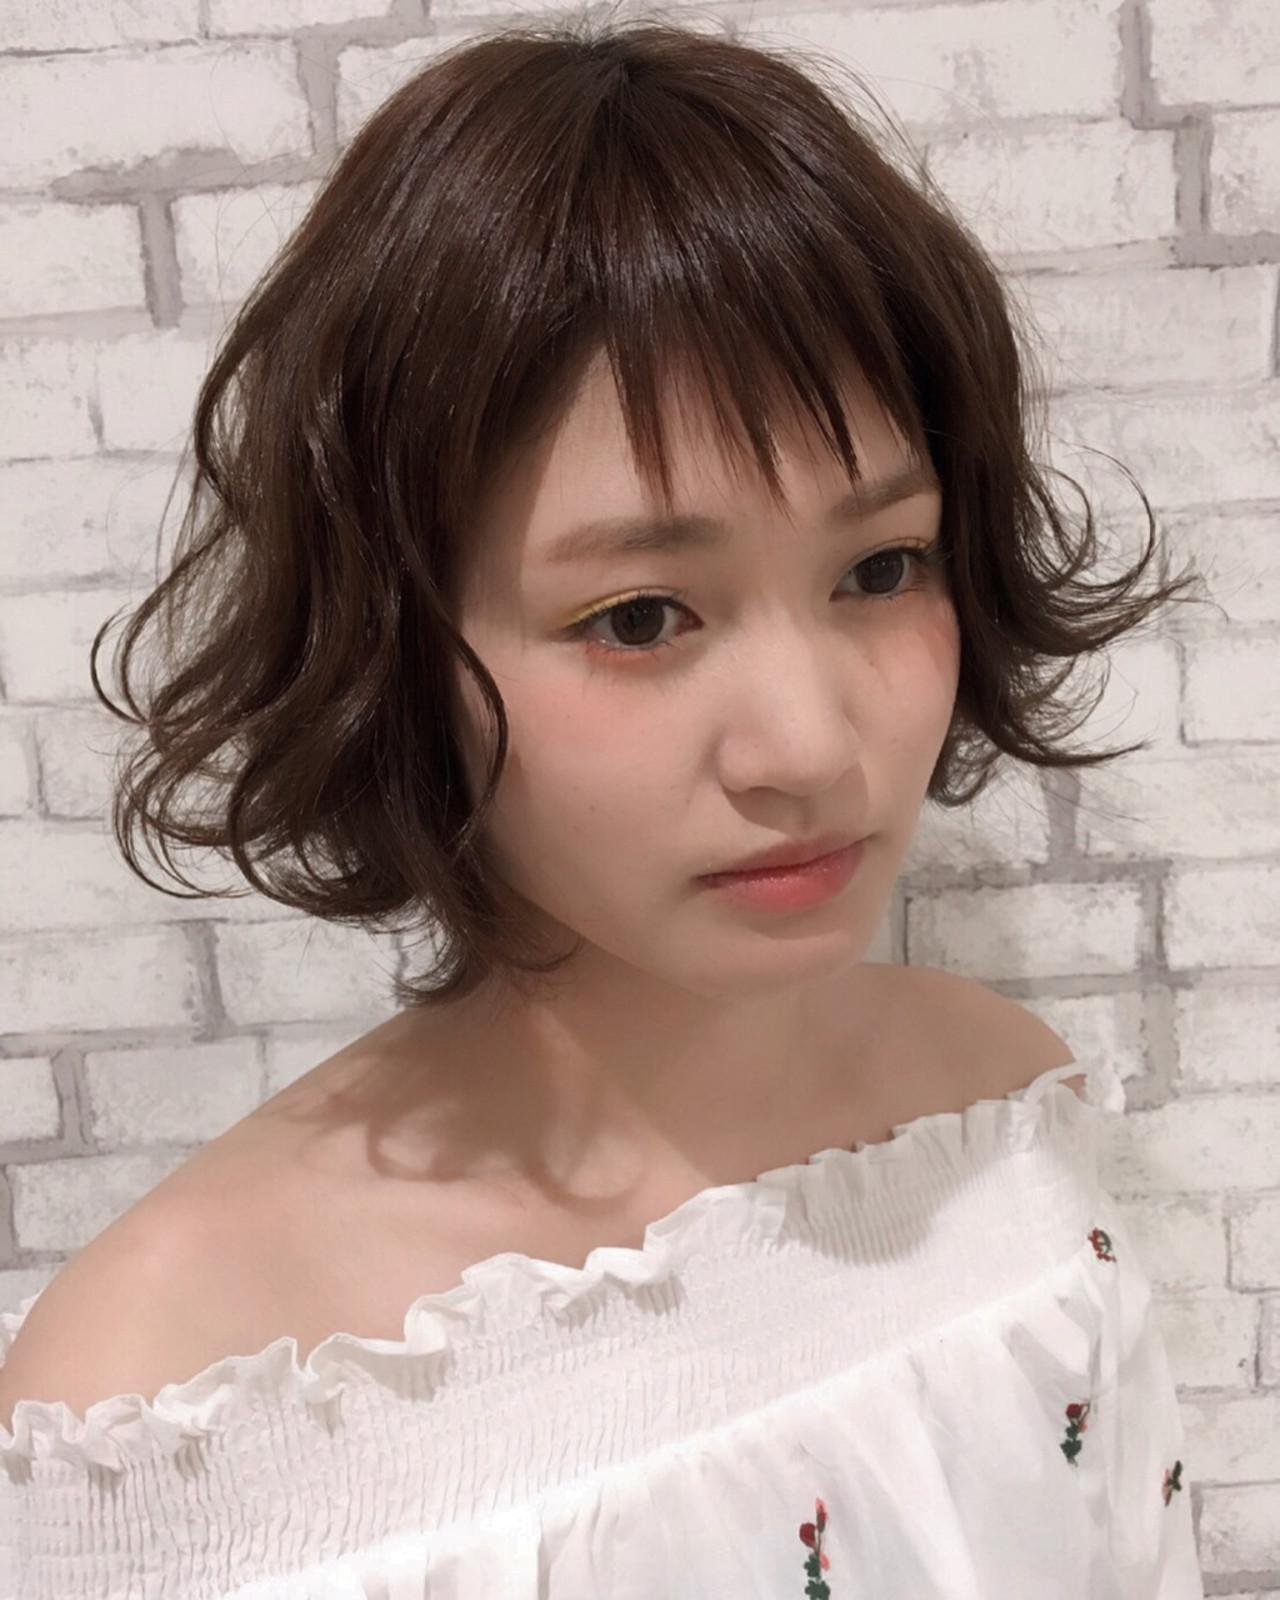 前髪あり レイヤーカット ショート 春 ヘアスタイルや髪型の写真・画像